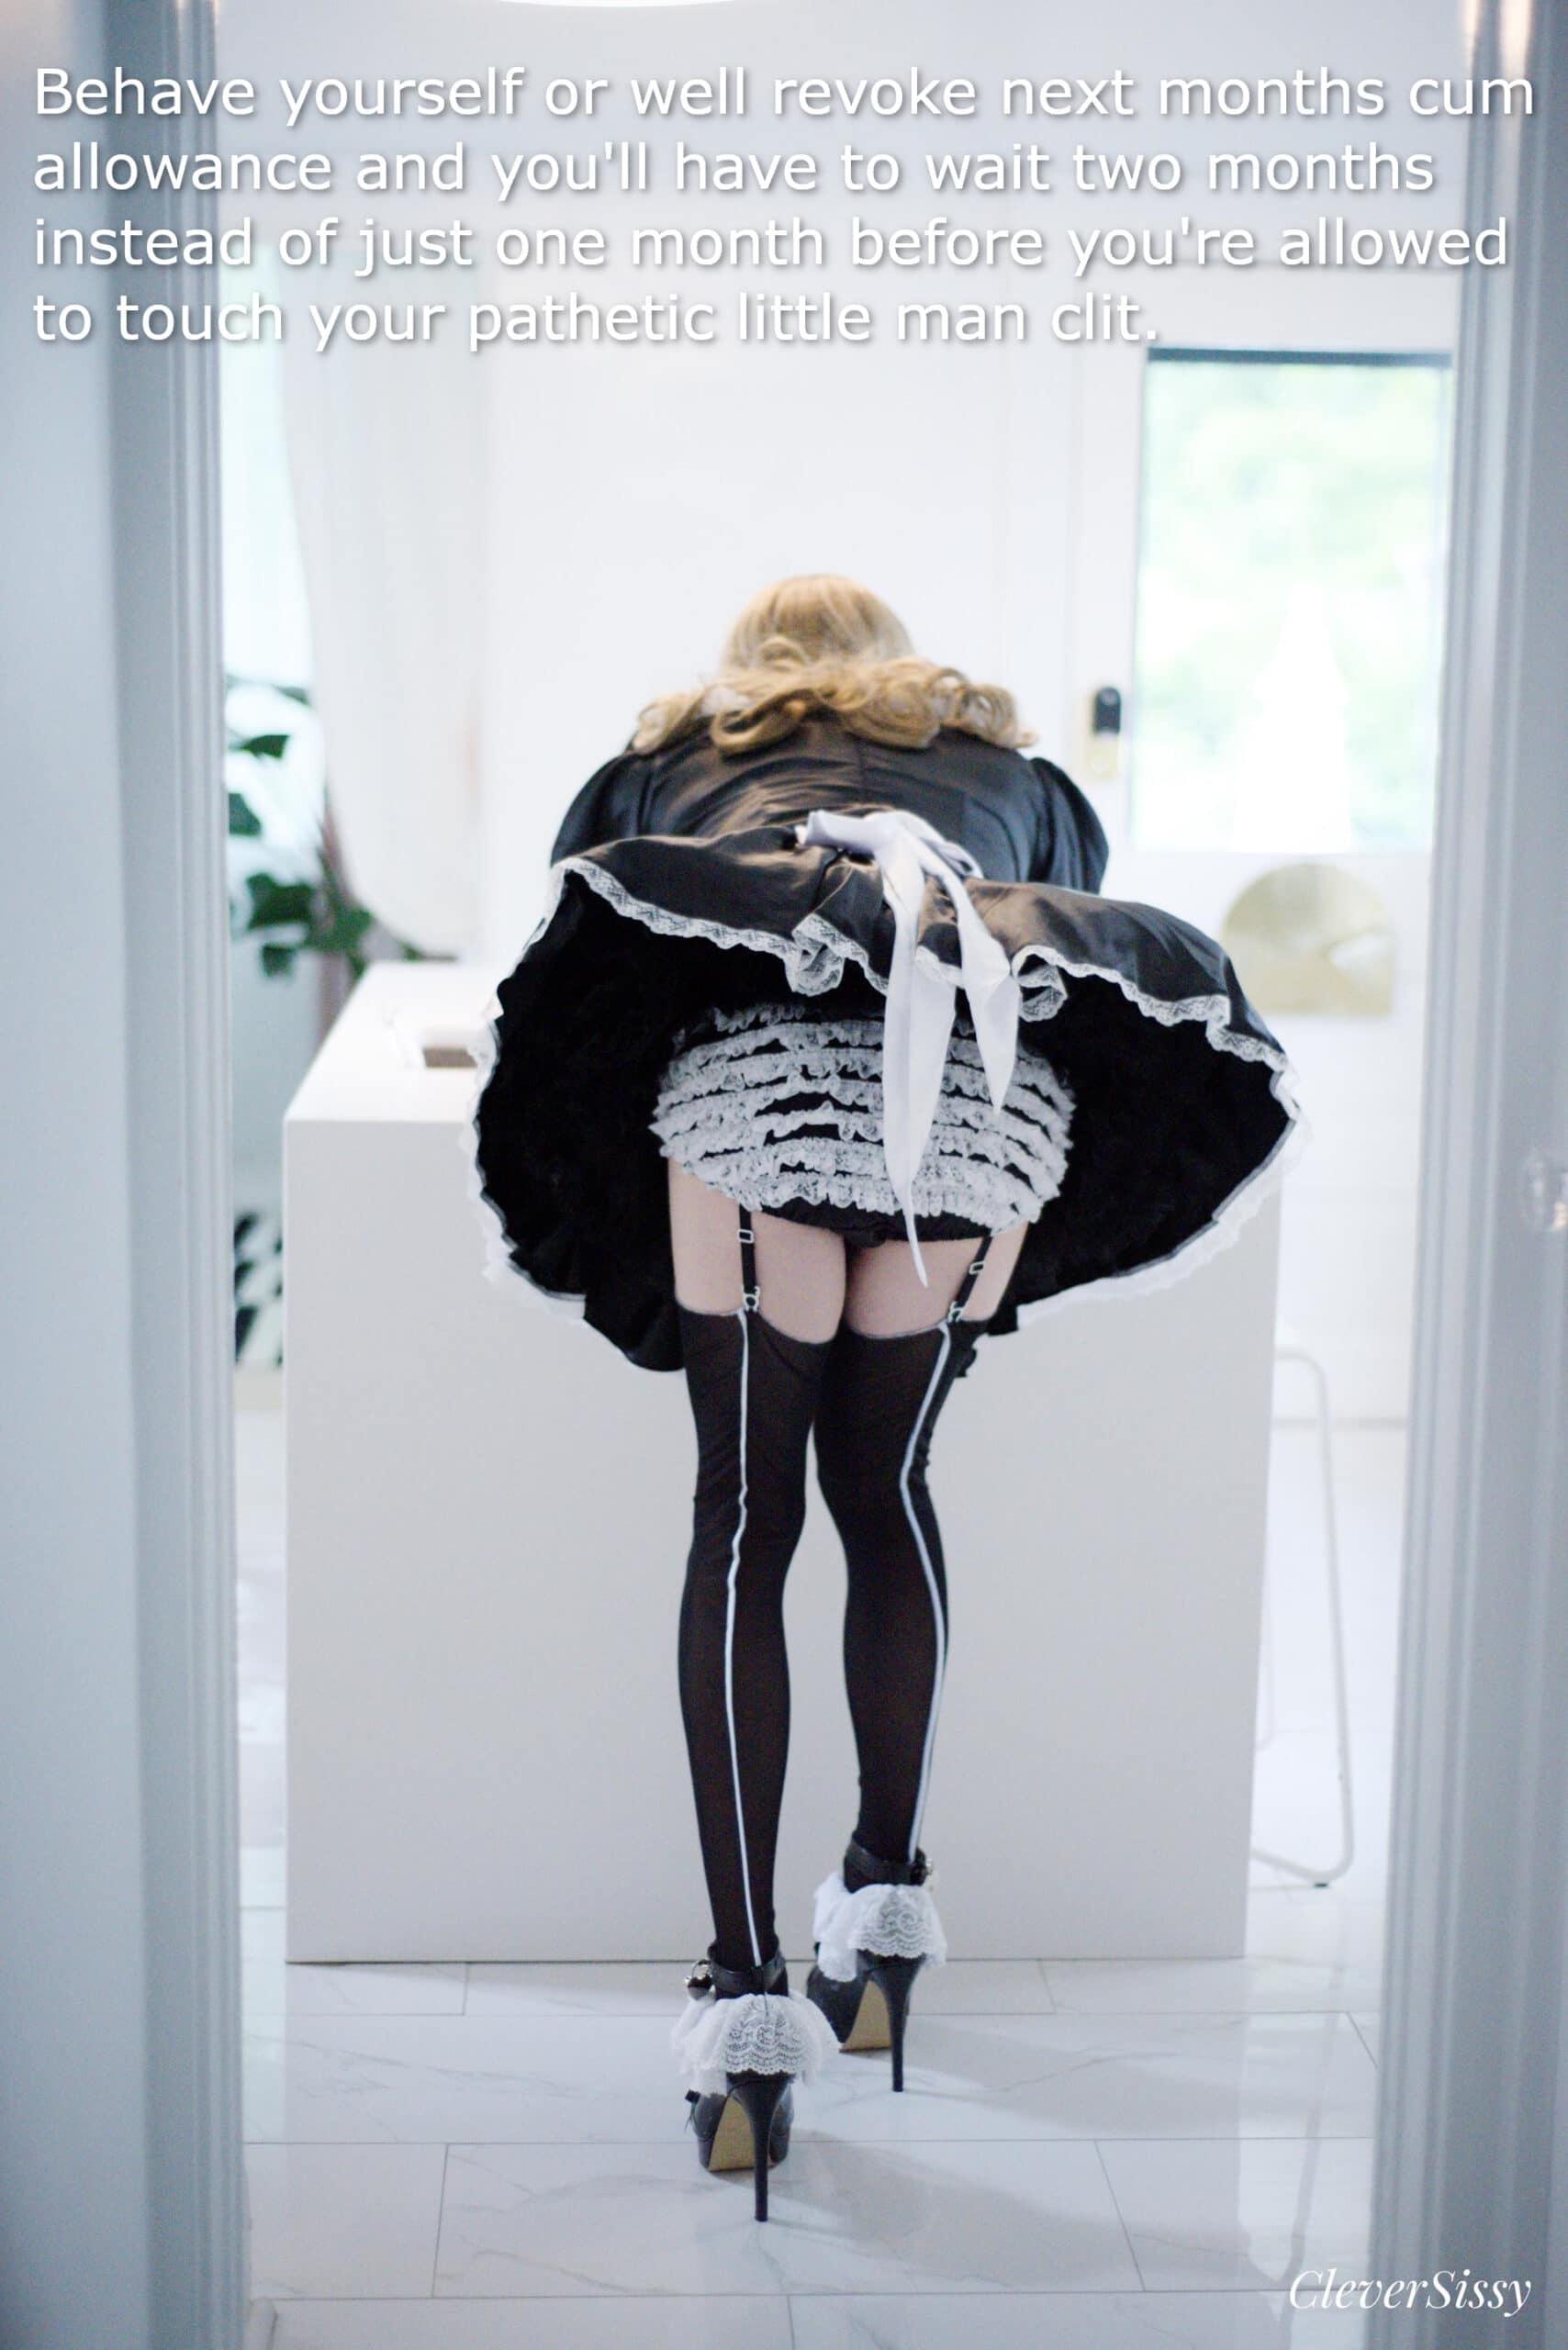 french maid orgasm denial